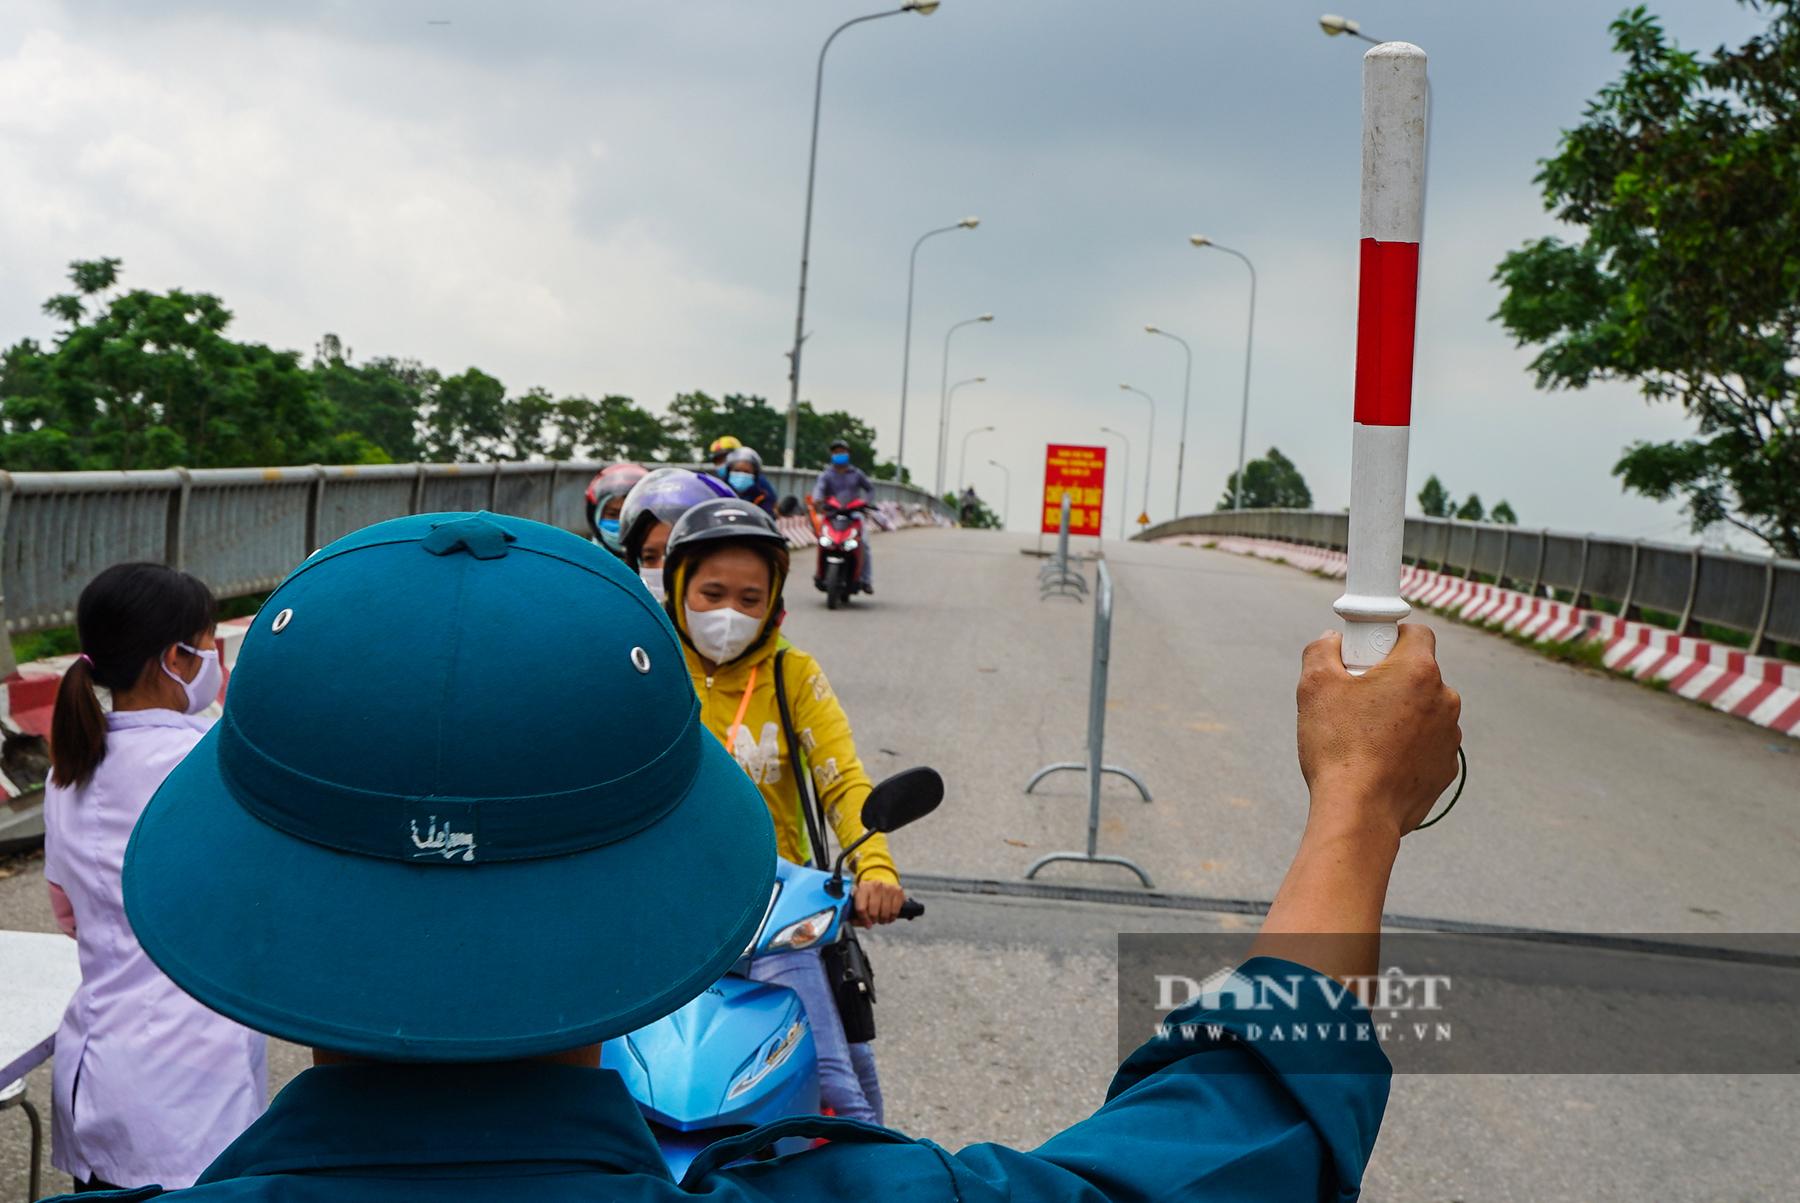 Hà Nội lên kế hoạch huy động sinh viên, y bác sĩ nghỉ hưu chống dịch Covid-19 - Ảnh 1.